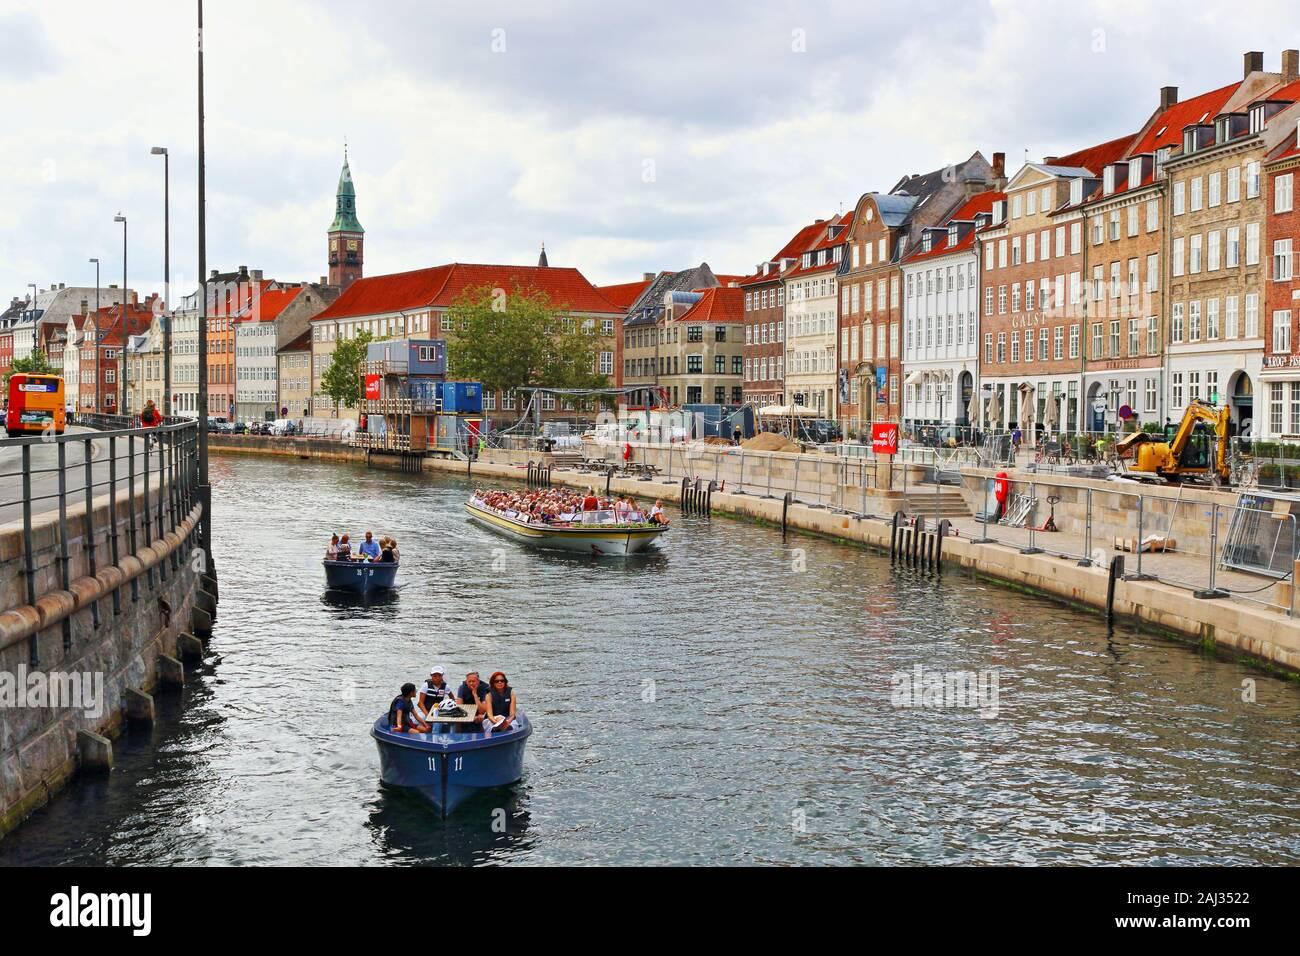 Gita turistica di barche su un canale Slotsholmen e Gammel Strand strada costeggiata da una fila di colorate case antiche nel centro di Copenhagen, Danimarca Foto Stock